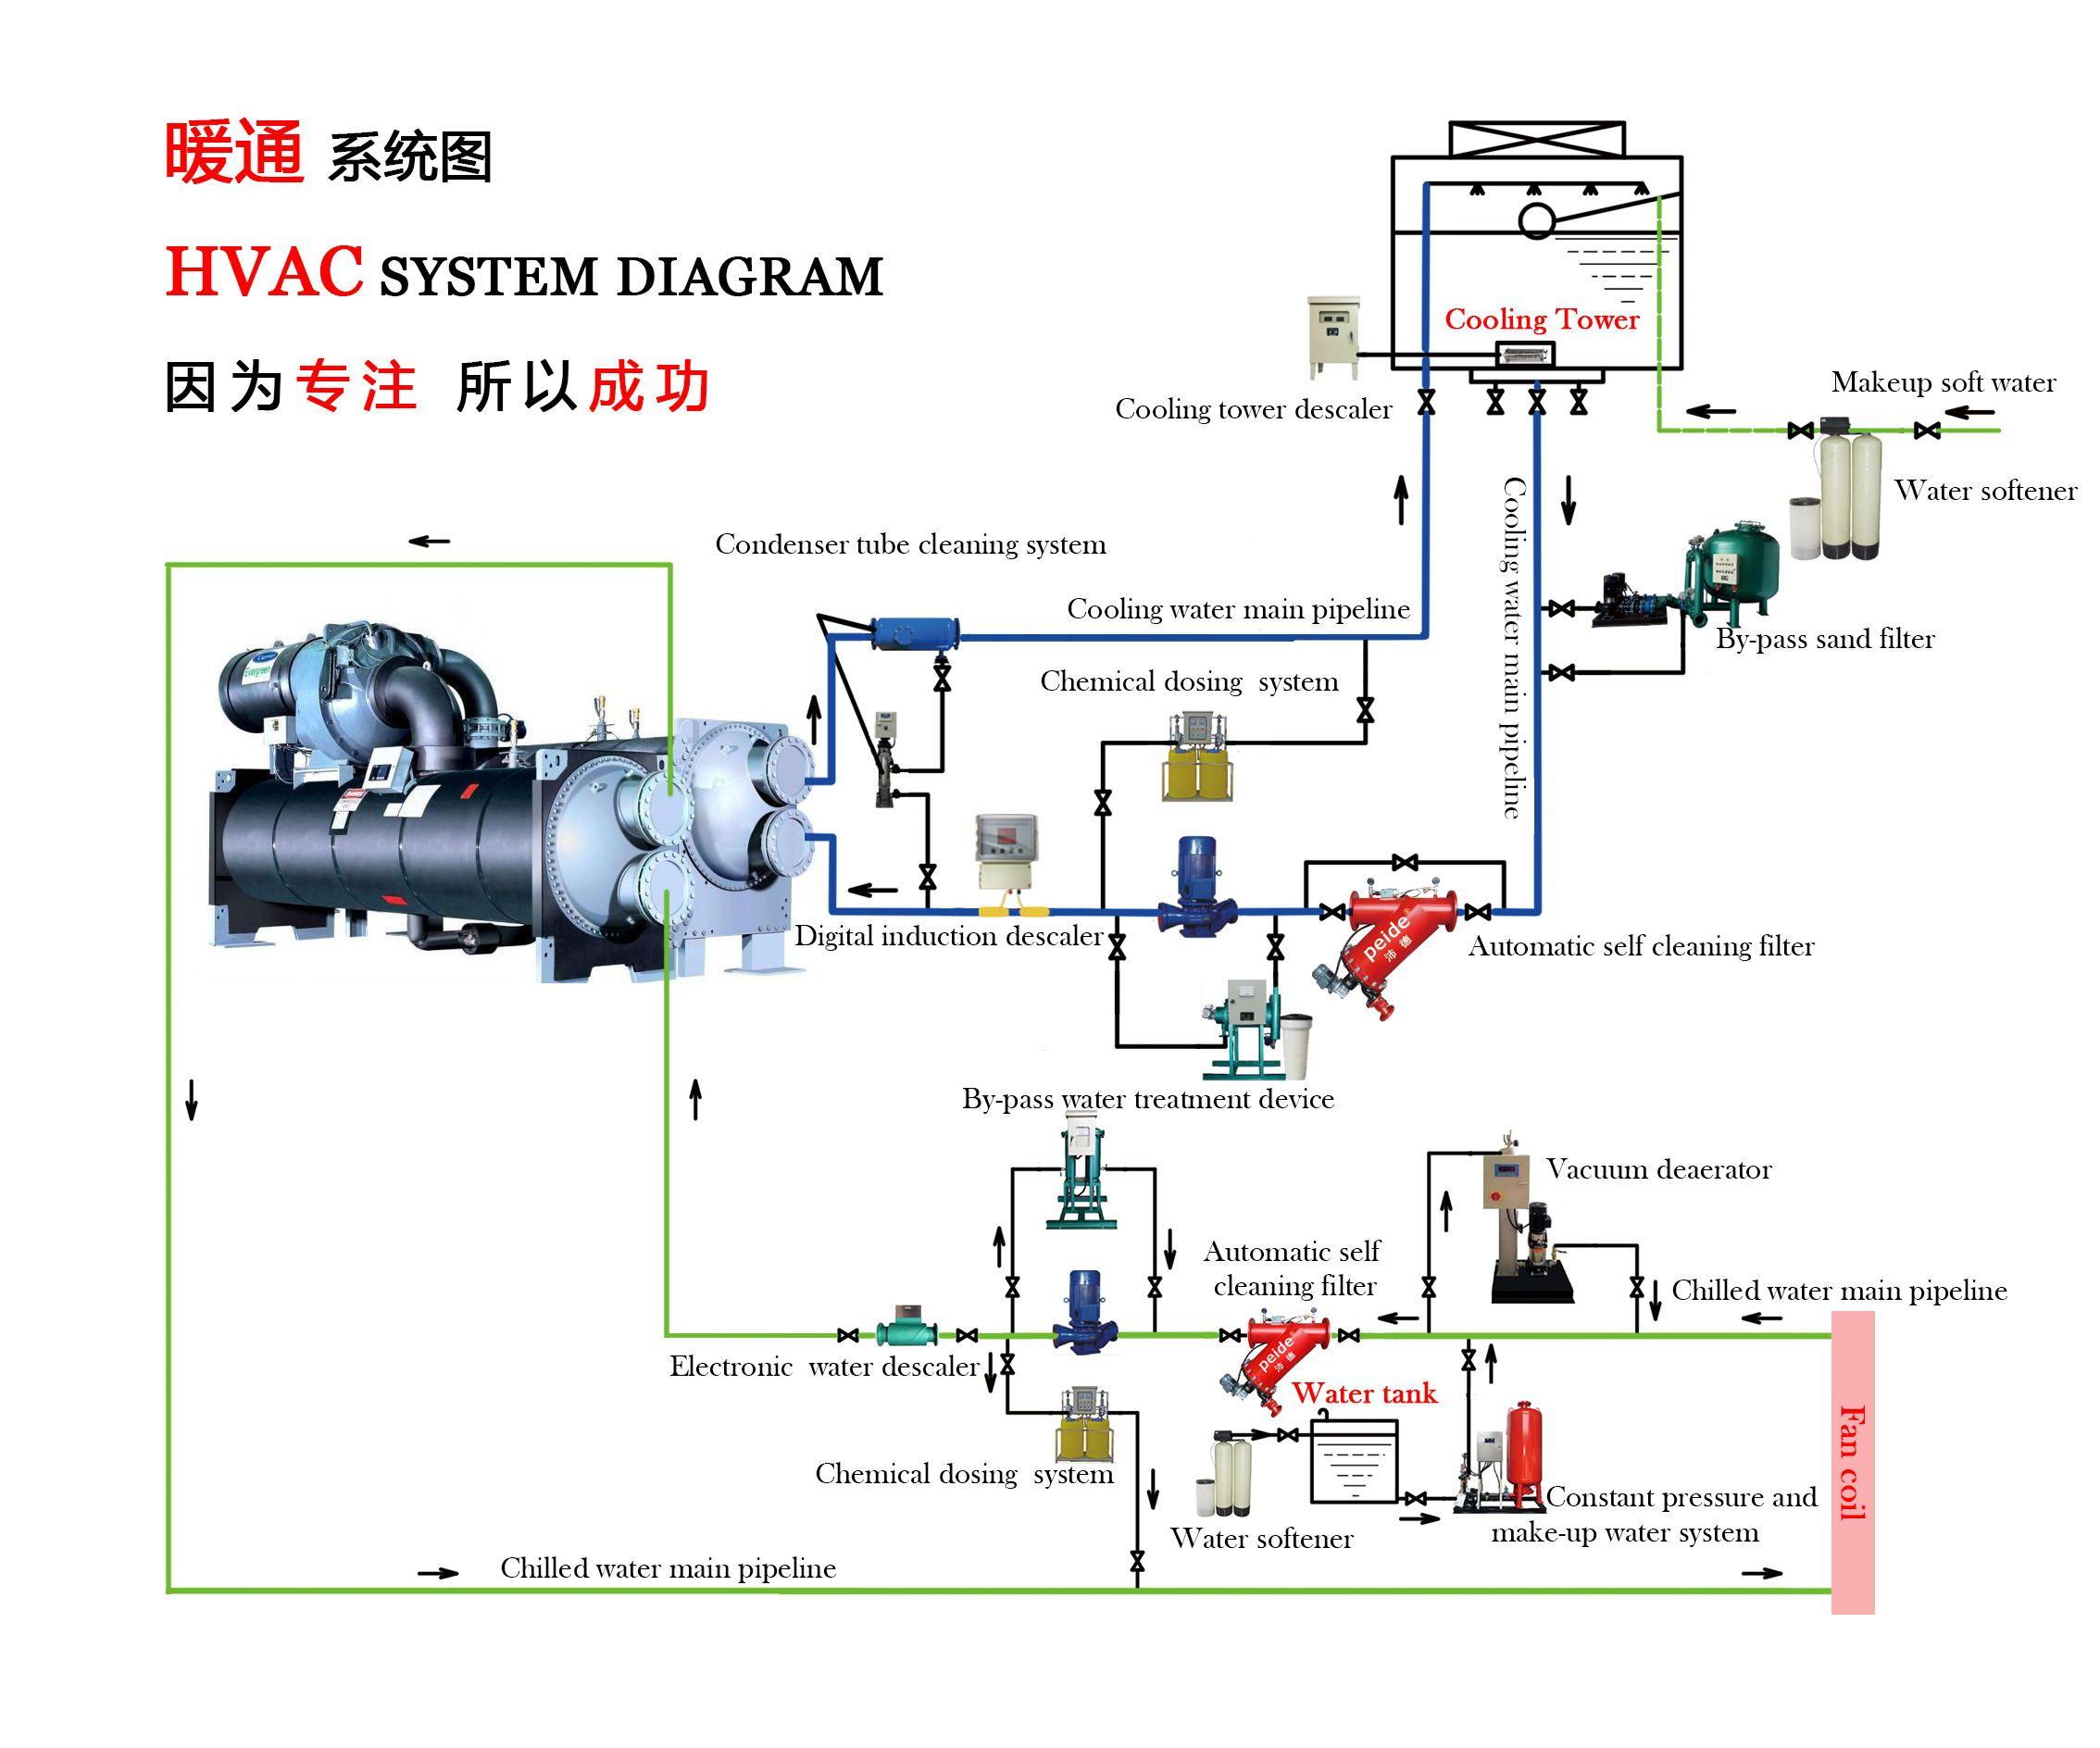 Hvac System Diagram | Hvac system, Hvac system design, Hvac filtersPinterest